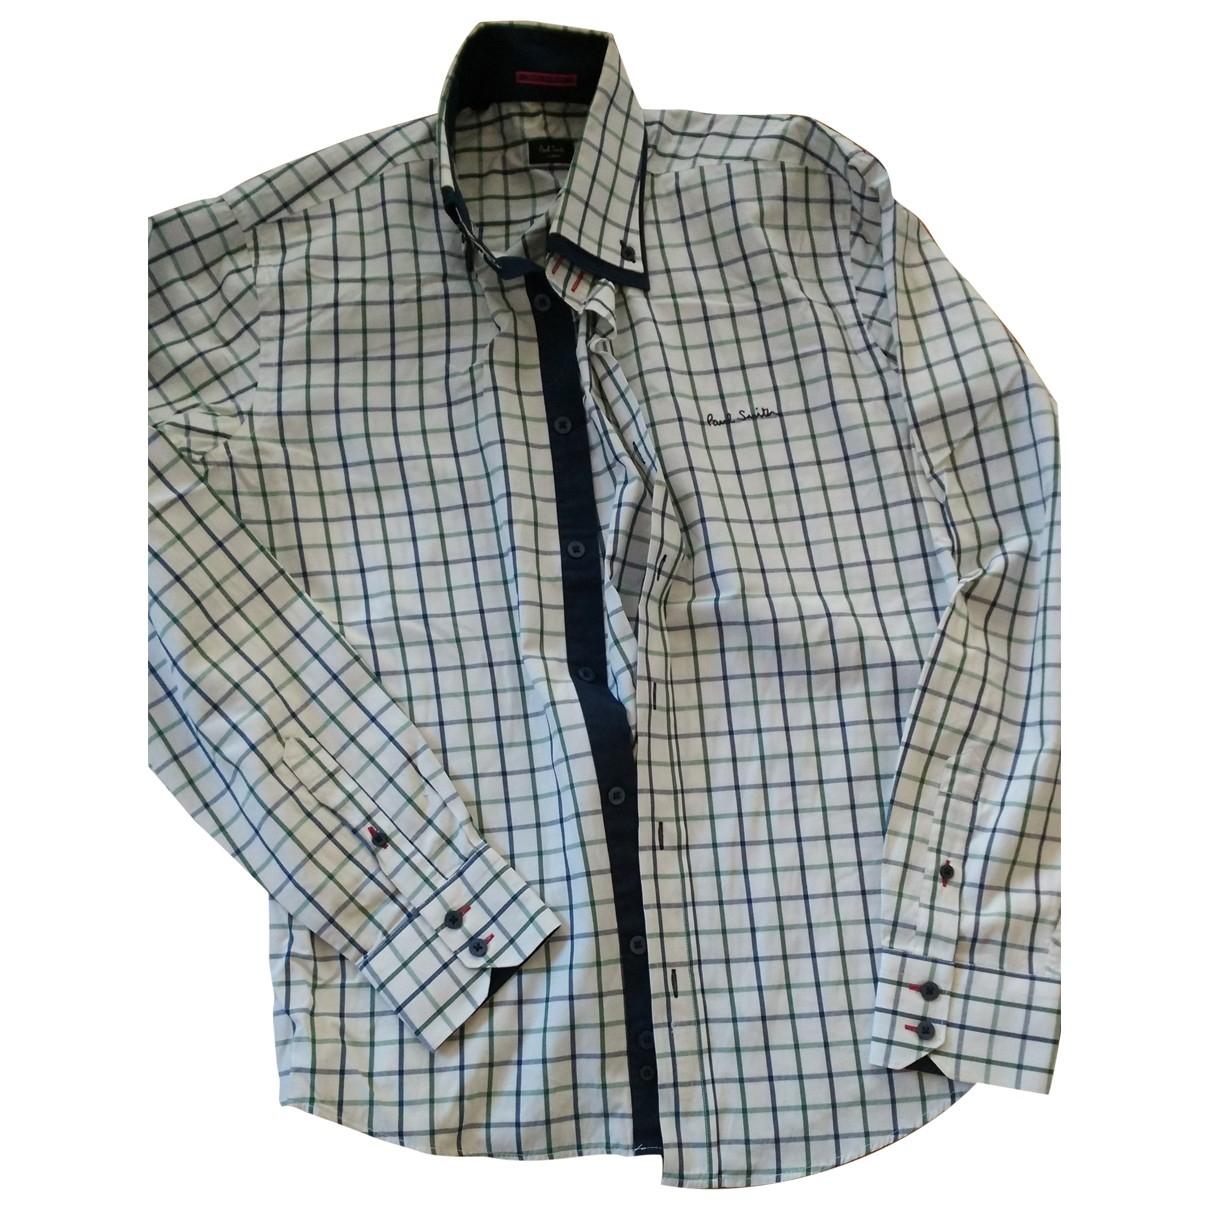 Paul Smith \N Multicolour Cotton Shirts for Men 42 EU (tour de cou / collar)